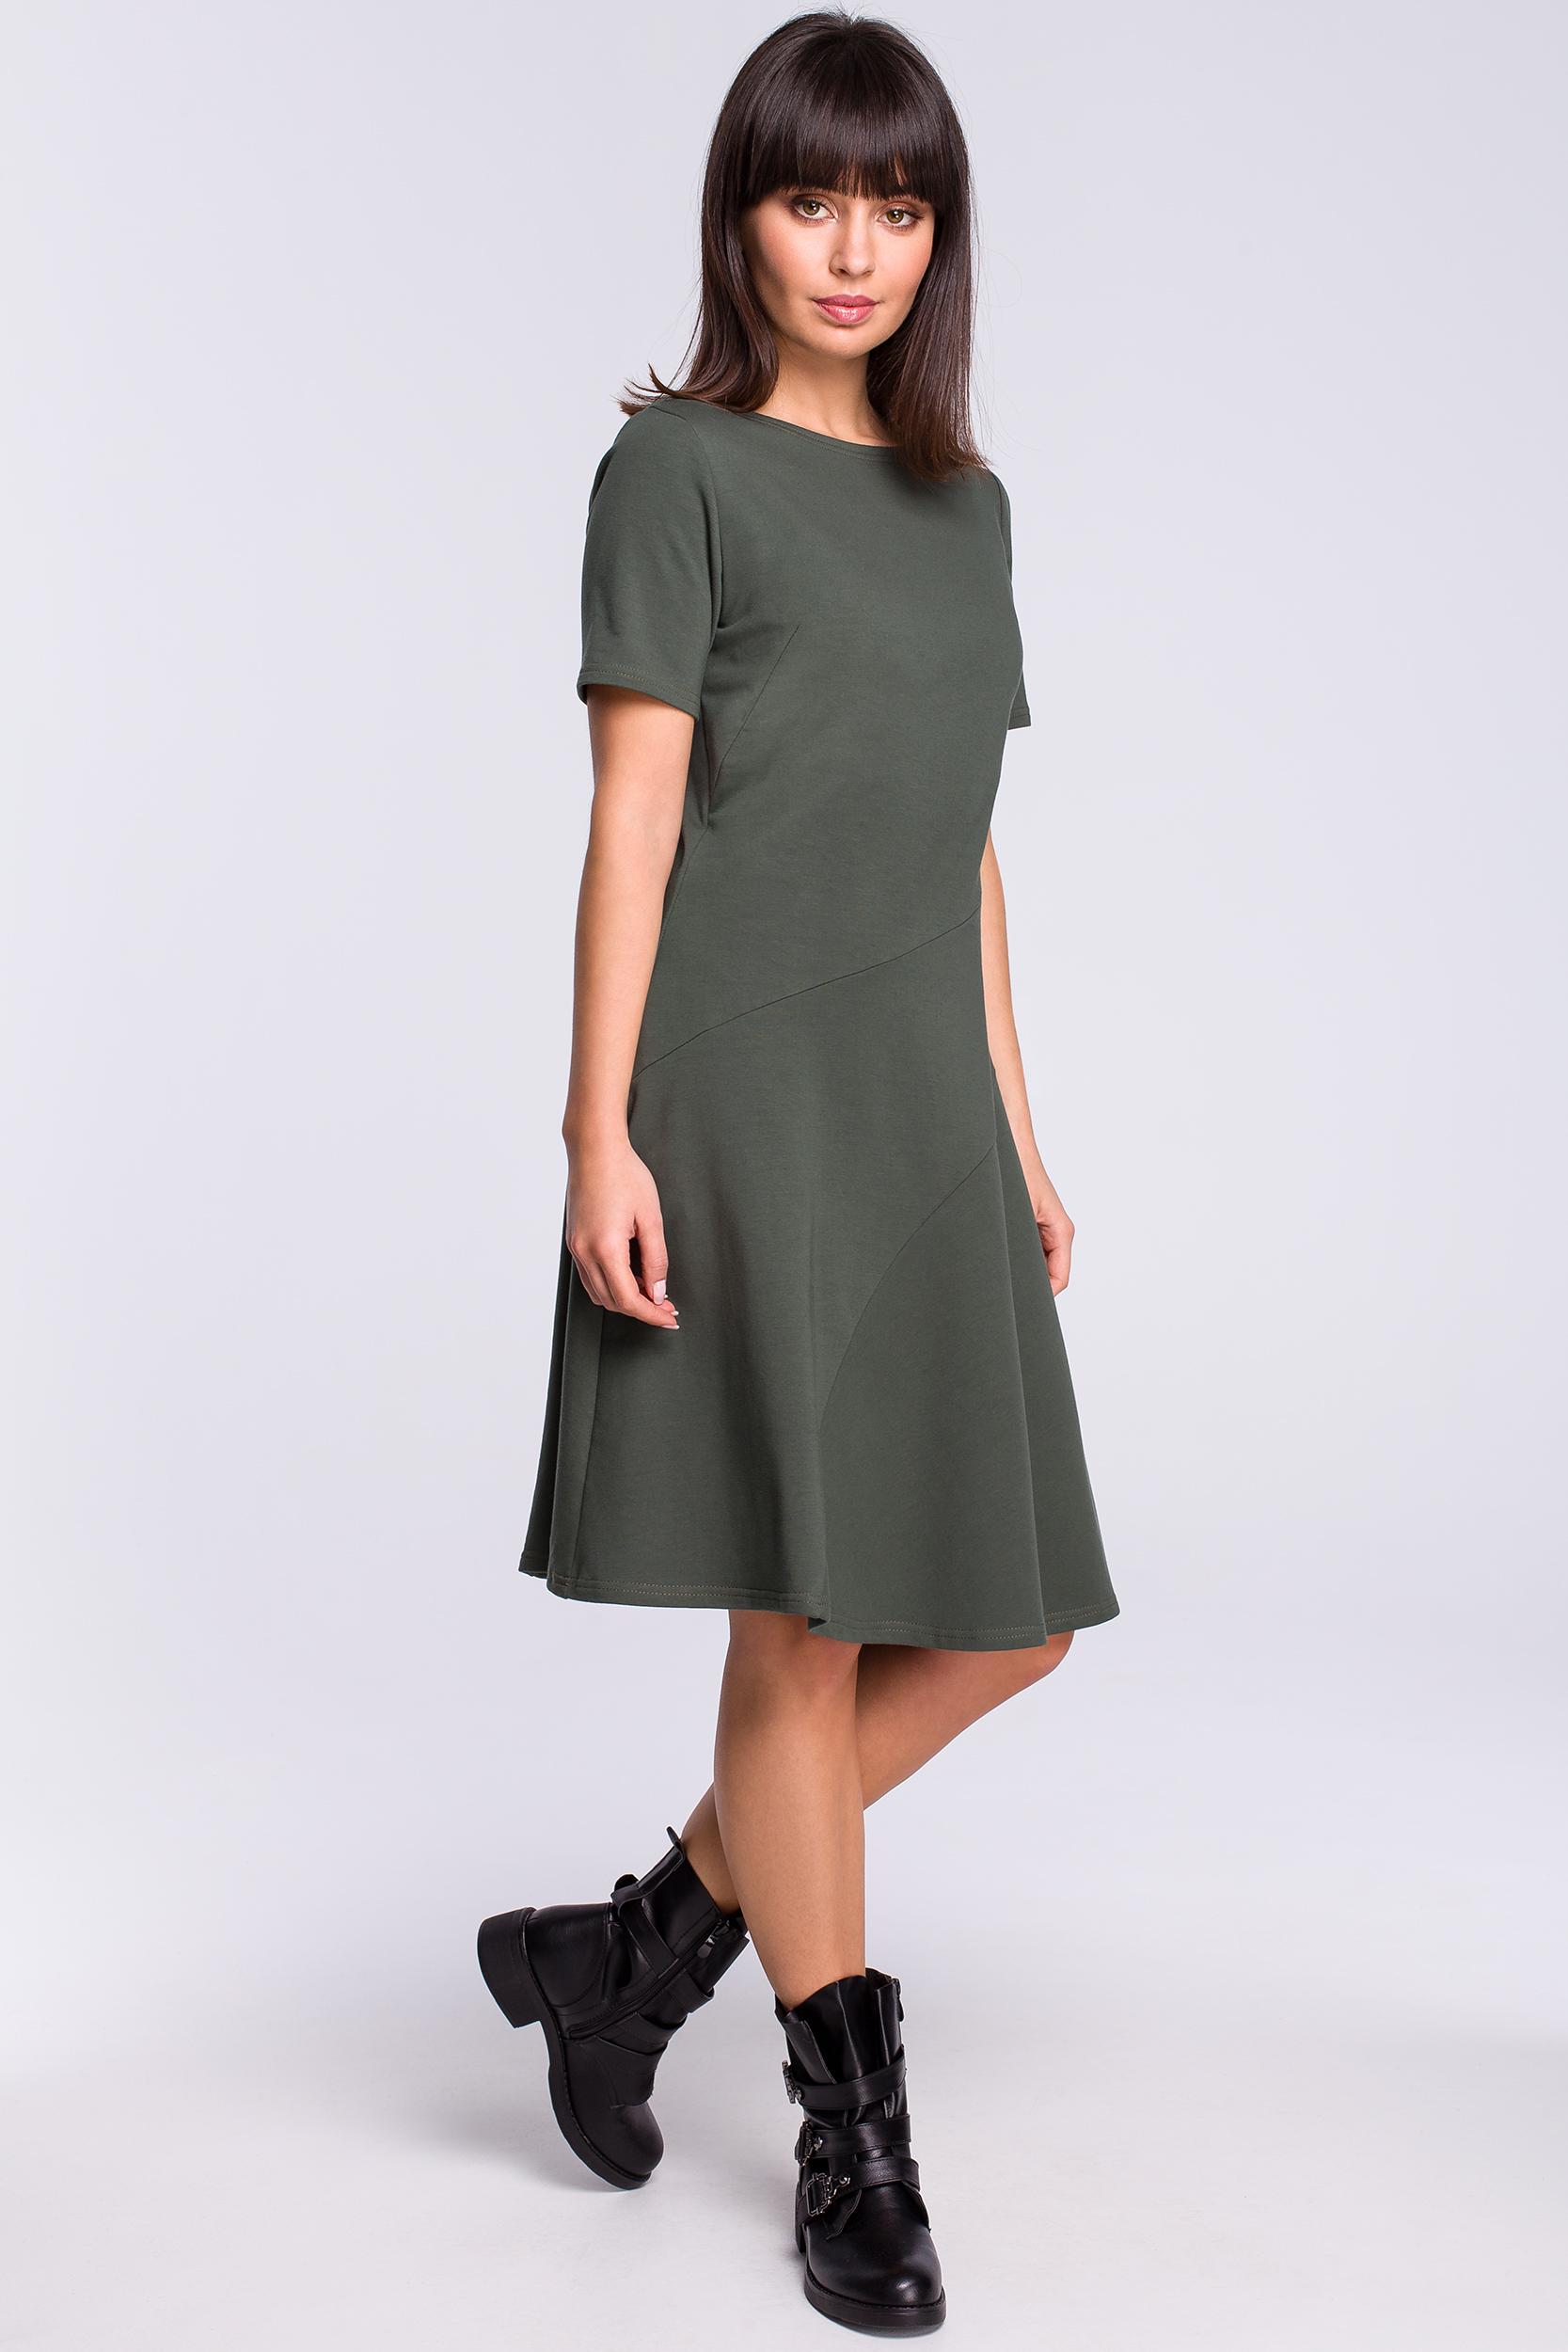 CM4119 Lekko rozkloszowana sukienka z godetem - militarno-zielona